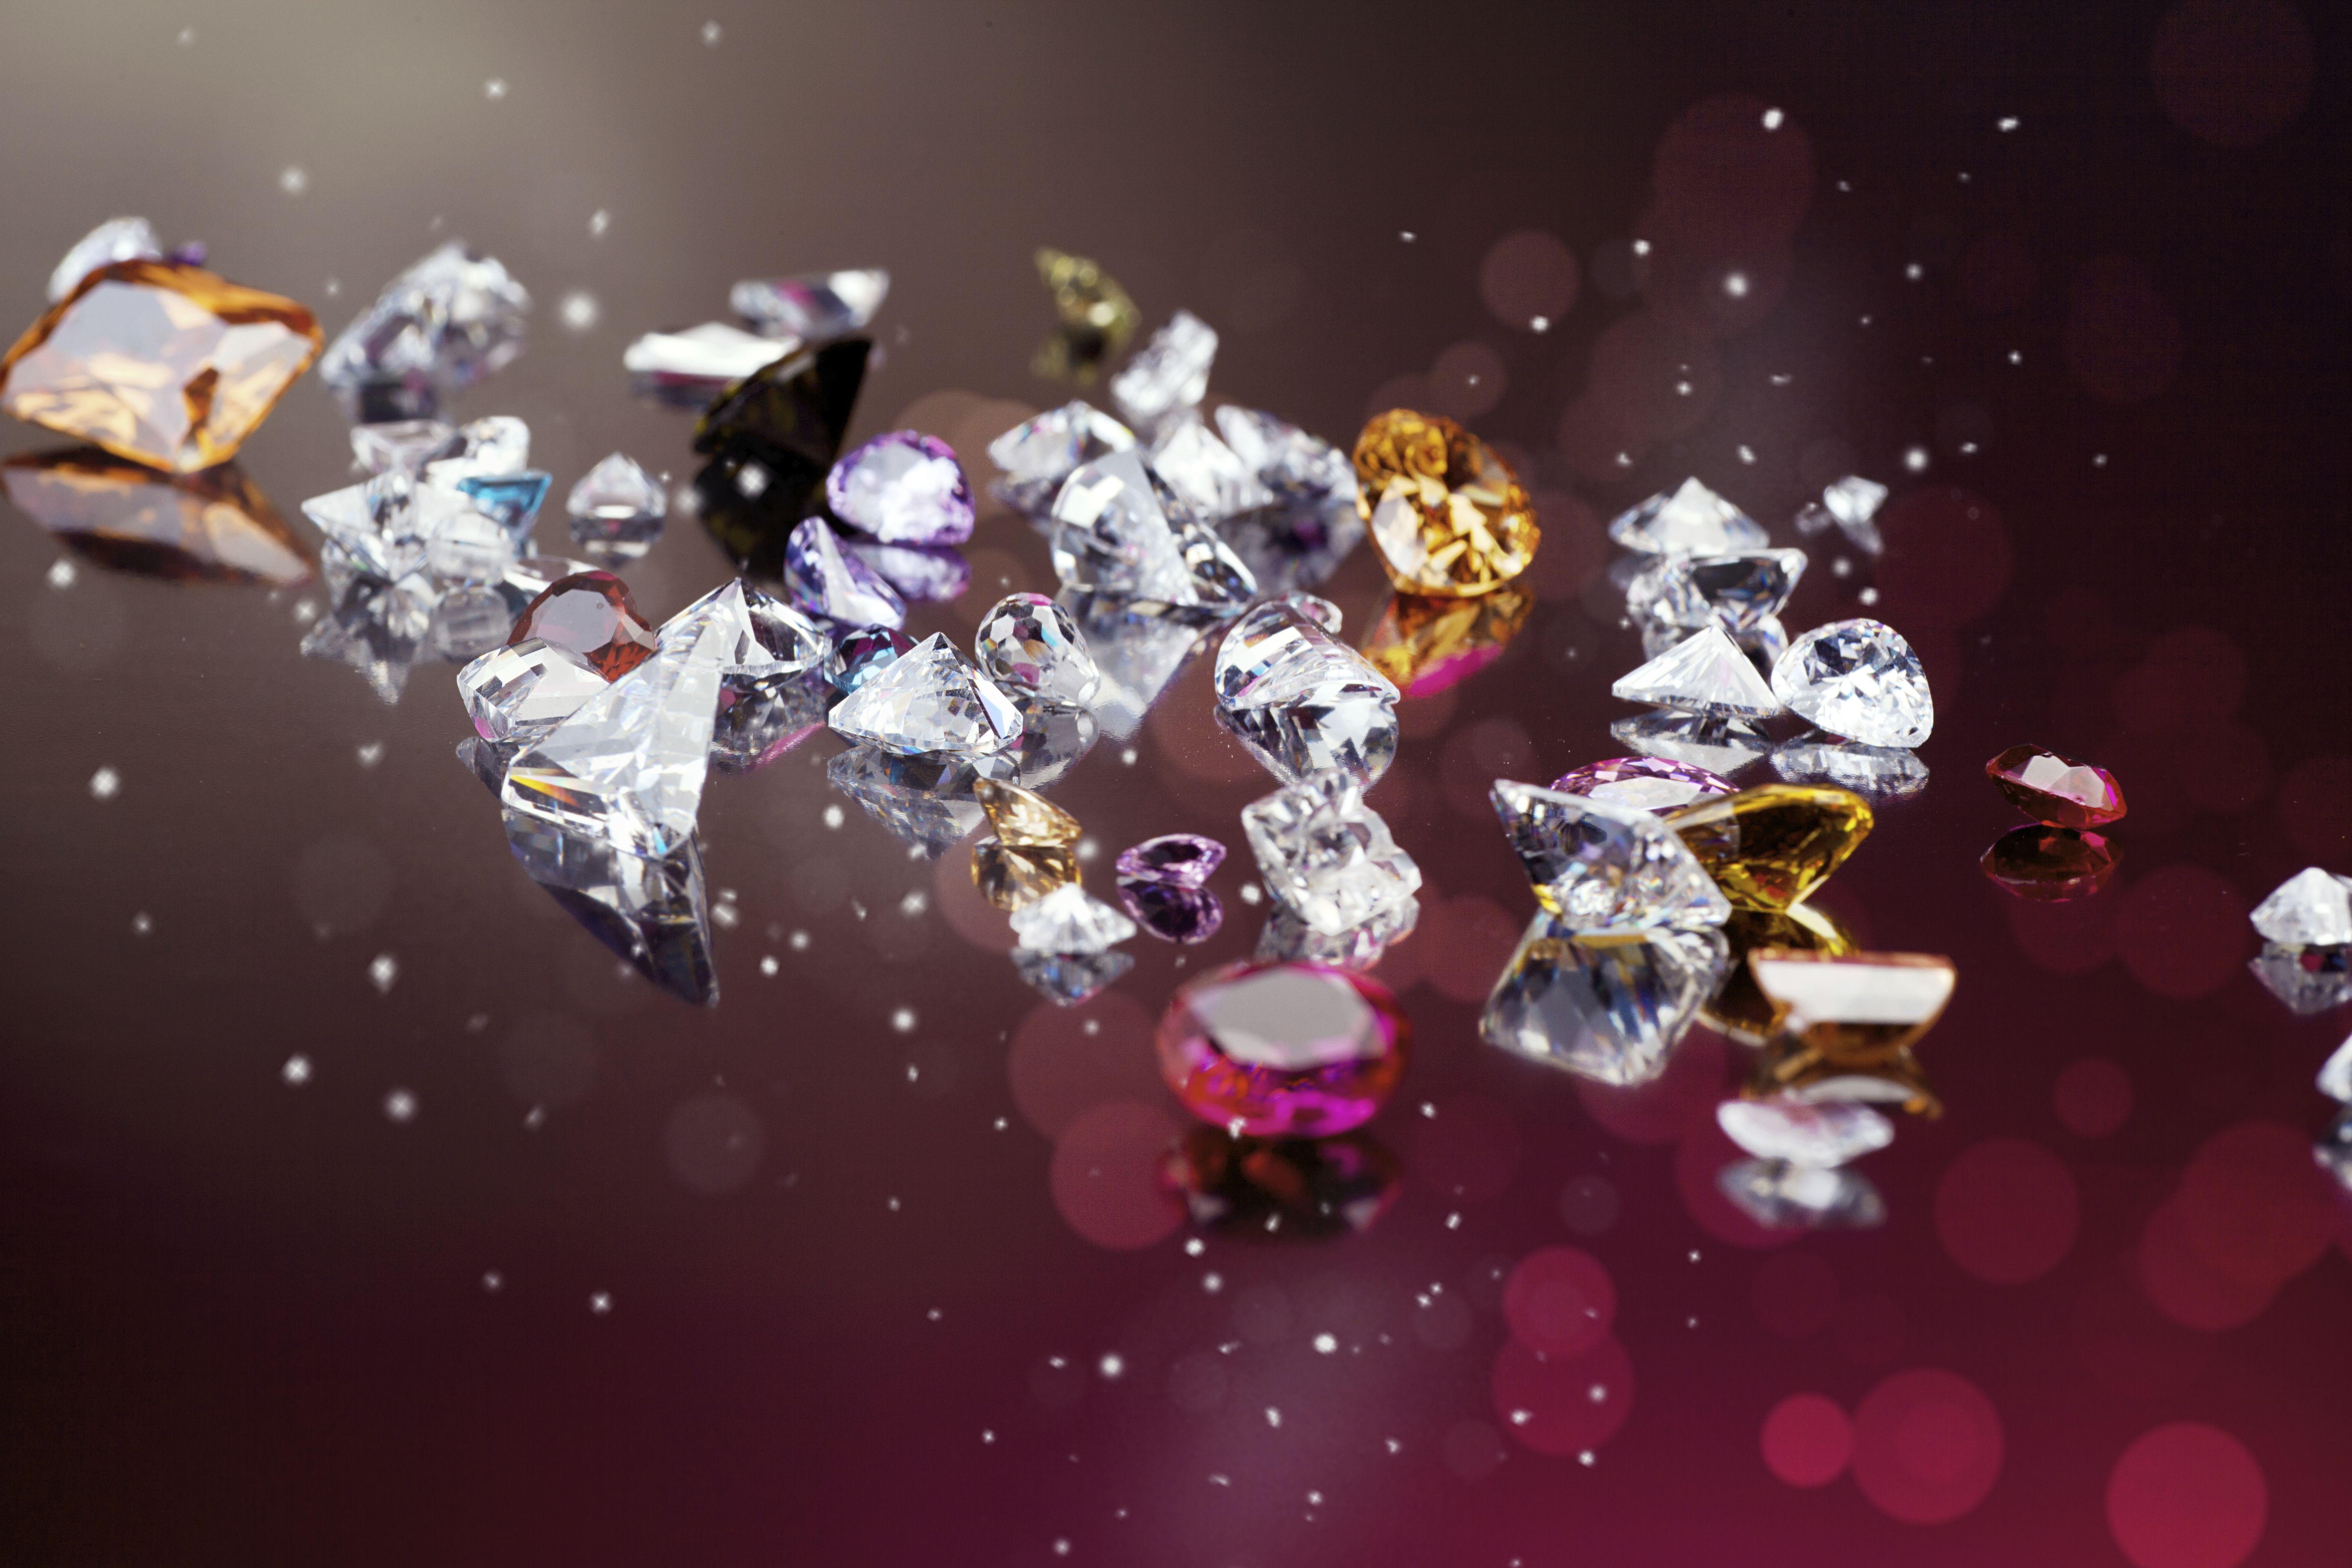 Wystawa jest największą od 25 lat prezentacją czeskiego przemysłu szklarskiego i biżuteryjnego.